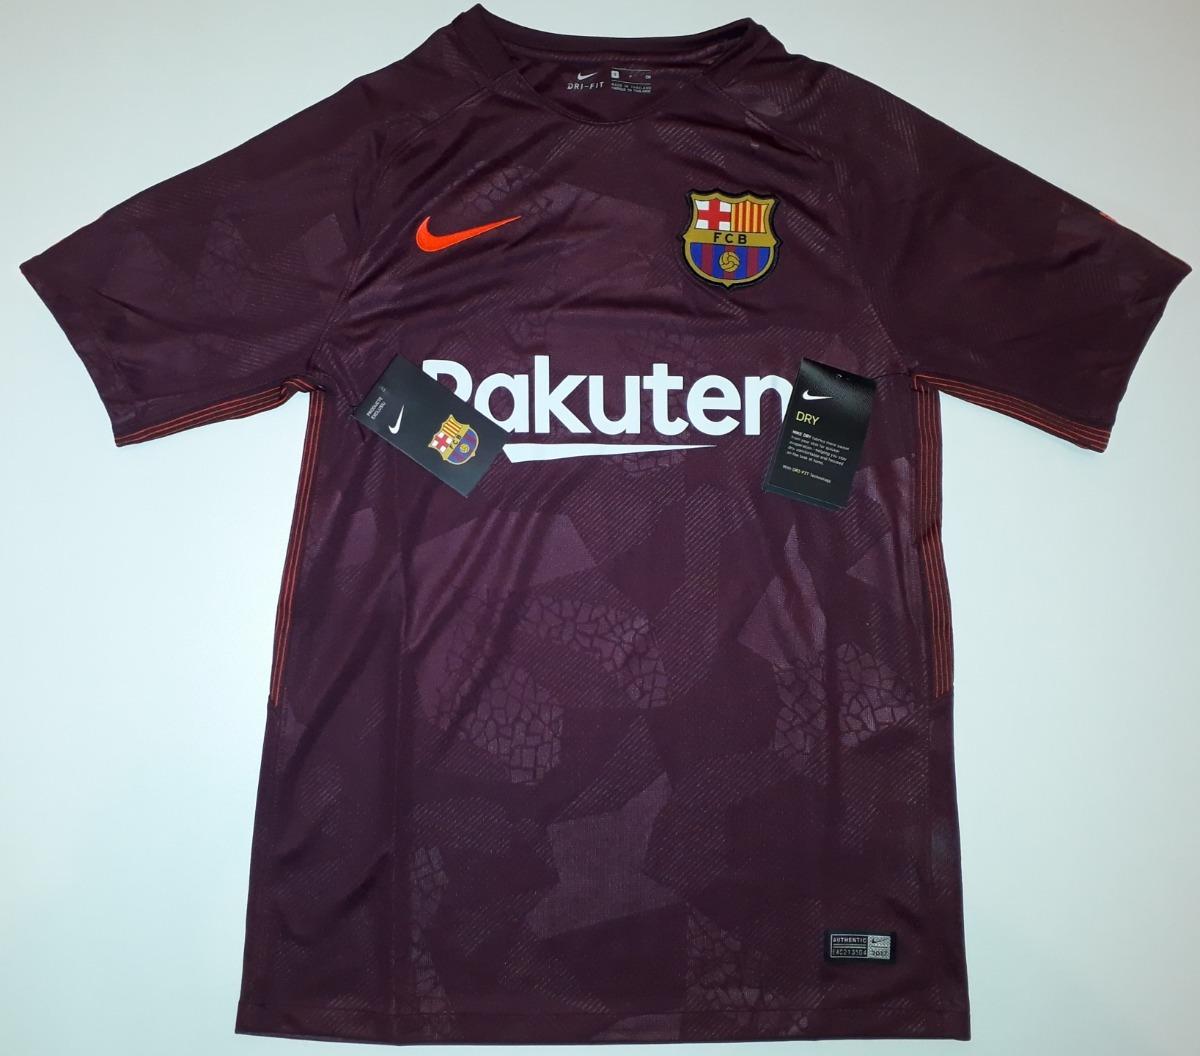 e54719f77d camiseta do barcelona grená 2017   2018 original nike - 28. Carregando zoom.